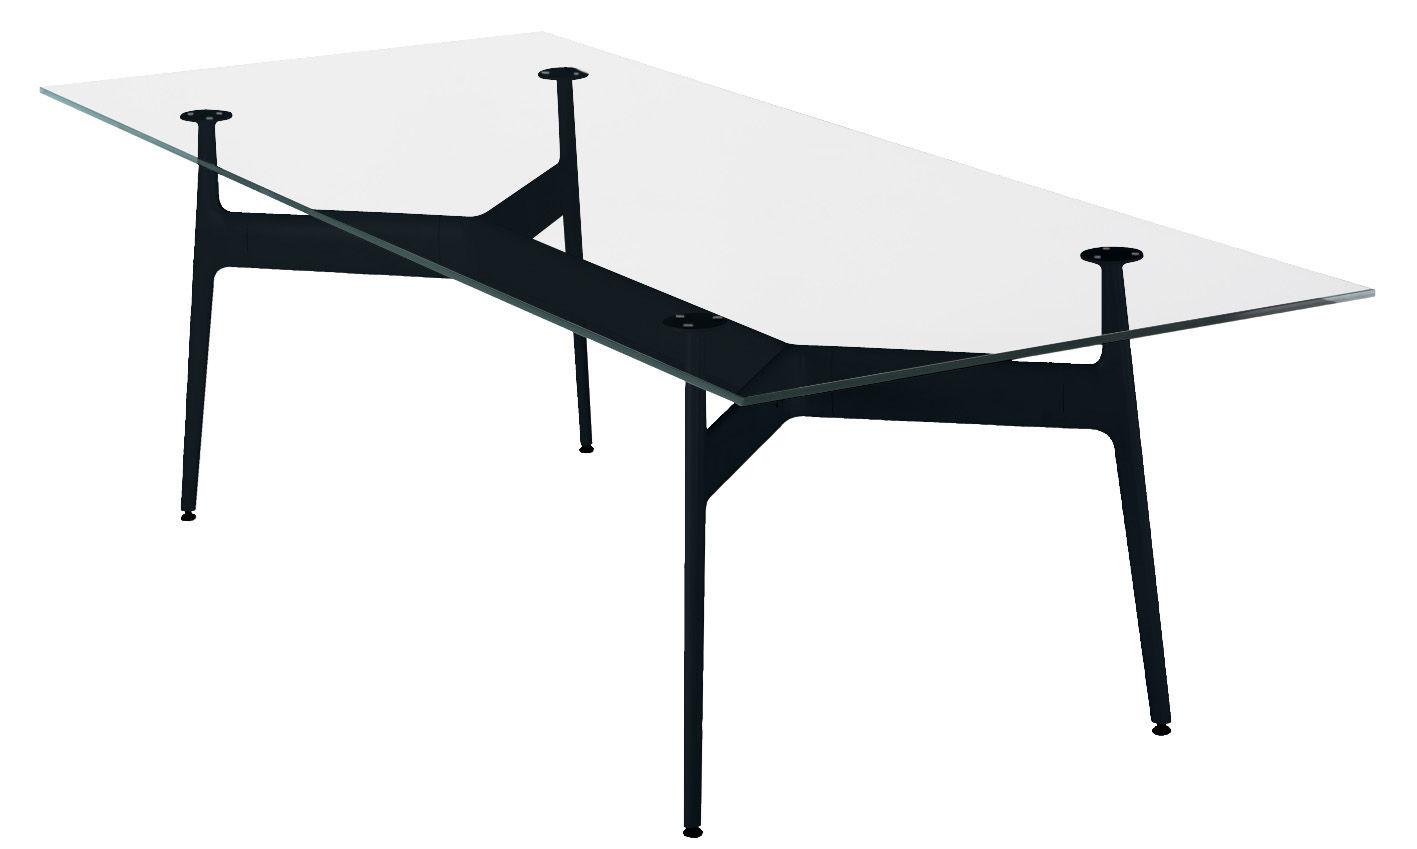 Arredamento - Tavoli - Tavolo rettangolare Aracne - 243 x 100 cm - Top vetro di Eumenes - Struttura nera / Top cristallo - Alluminio, Vetro